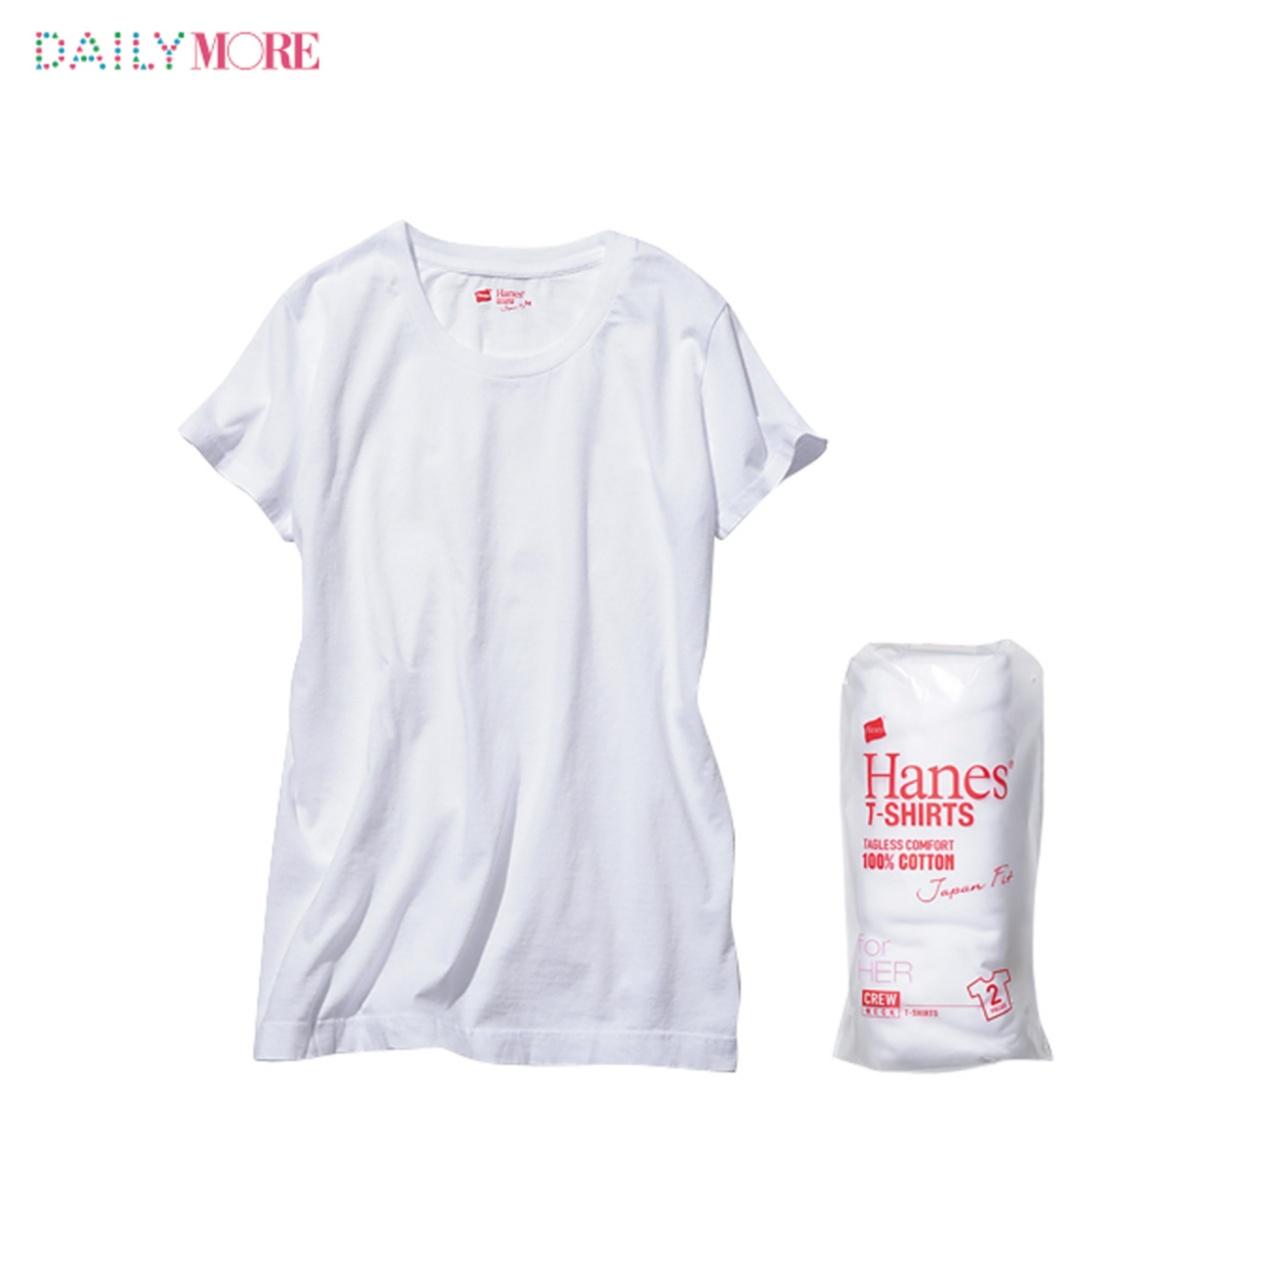 【4つのパックTを、ちくちく比べてみた!】おしゃれな人の溺愛白Tシャツ「ヘインズ」大解剖!_2_2